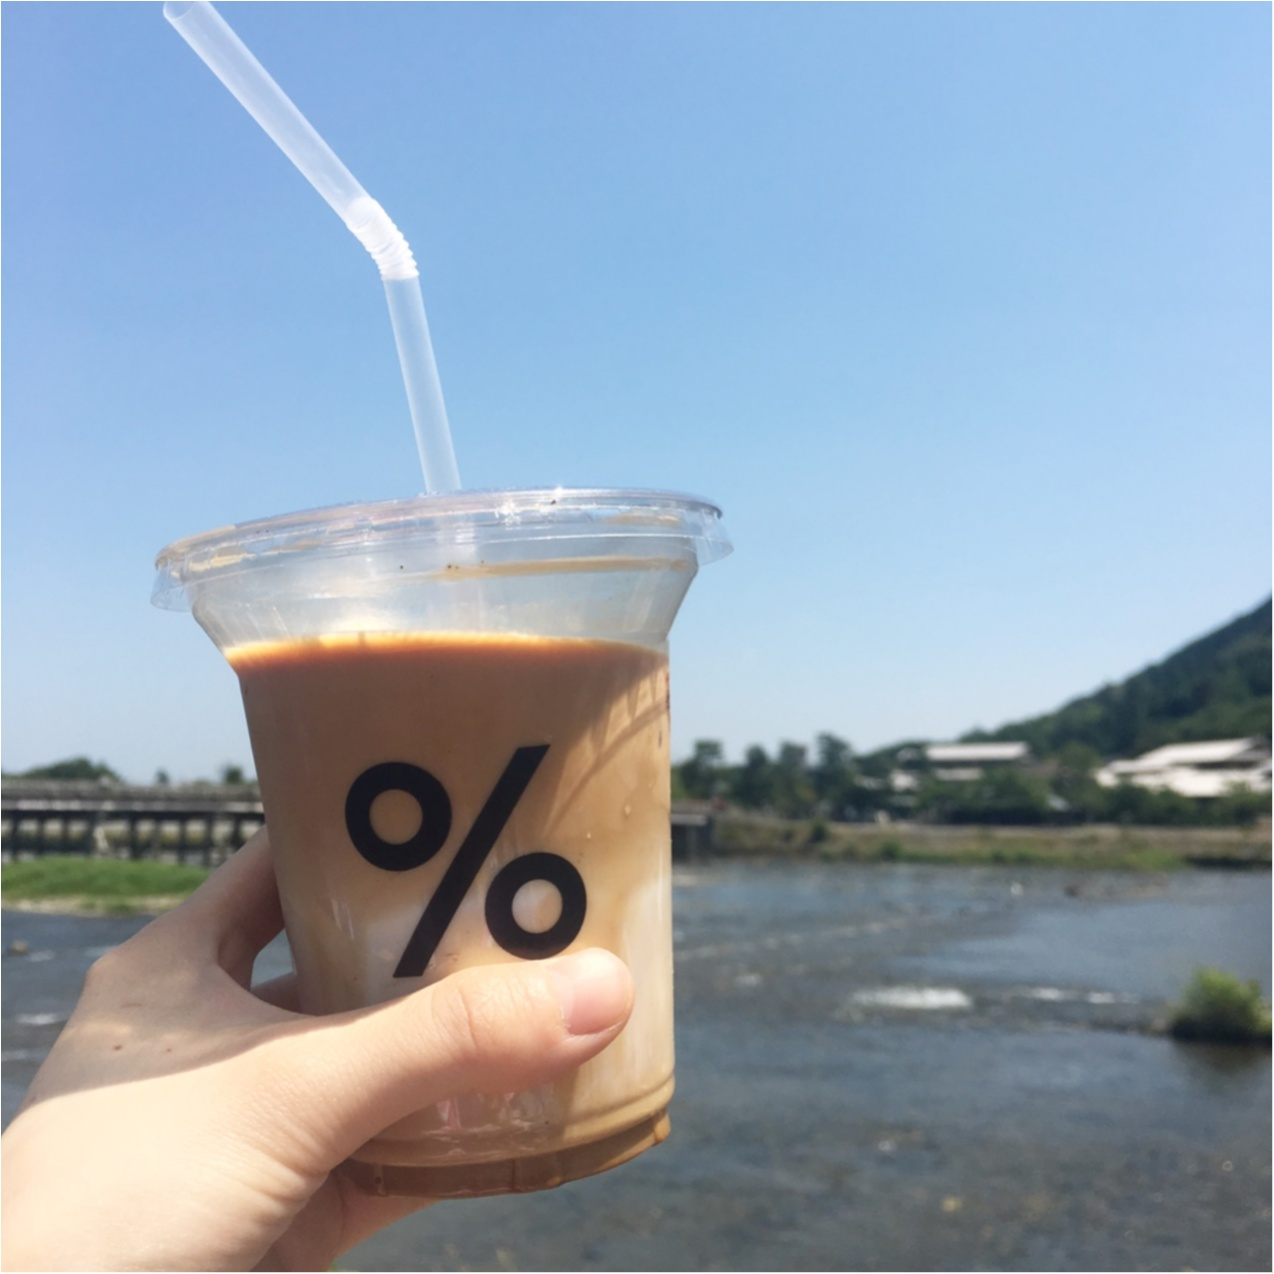 京都に行ったら絶対オススメ♡《 京都アラビカ 》のこだわりコーヒーはいかがですか?_3